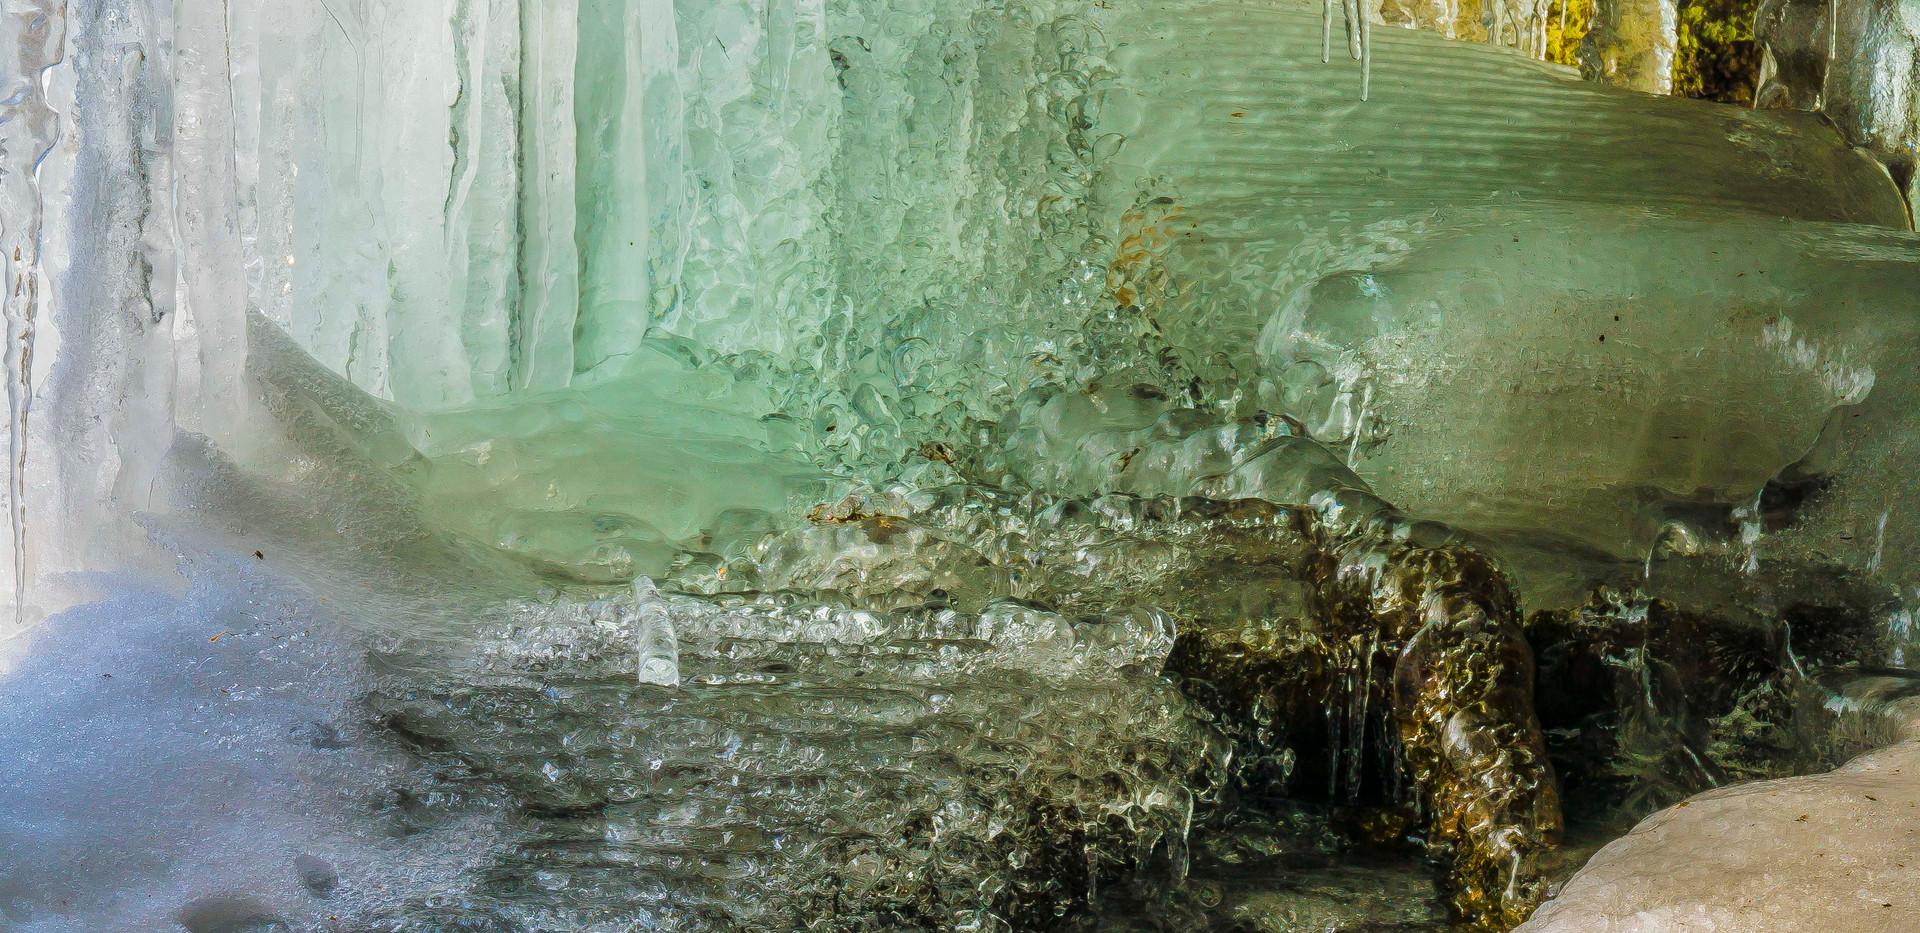 Katterskill Falls Cave